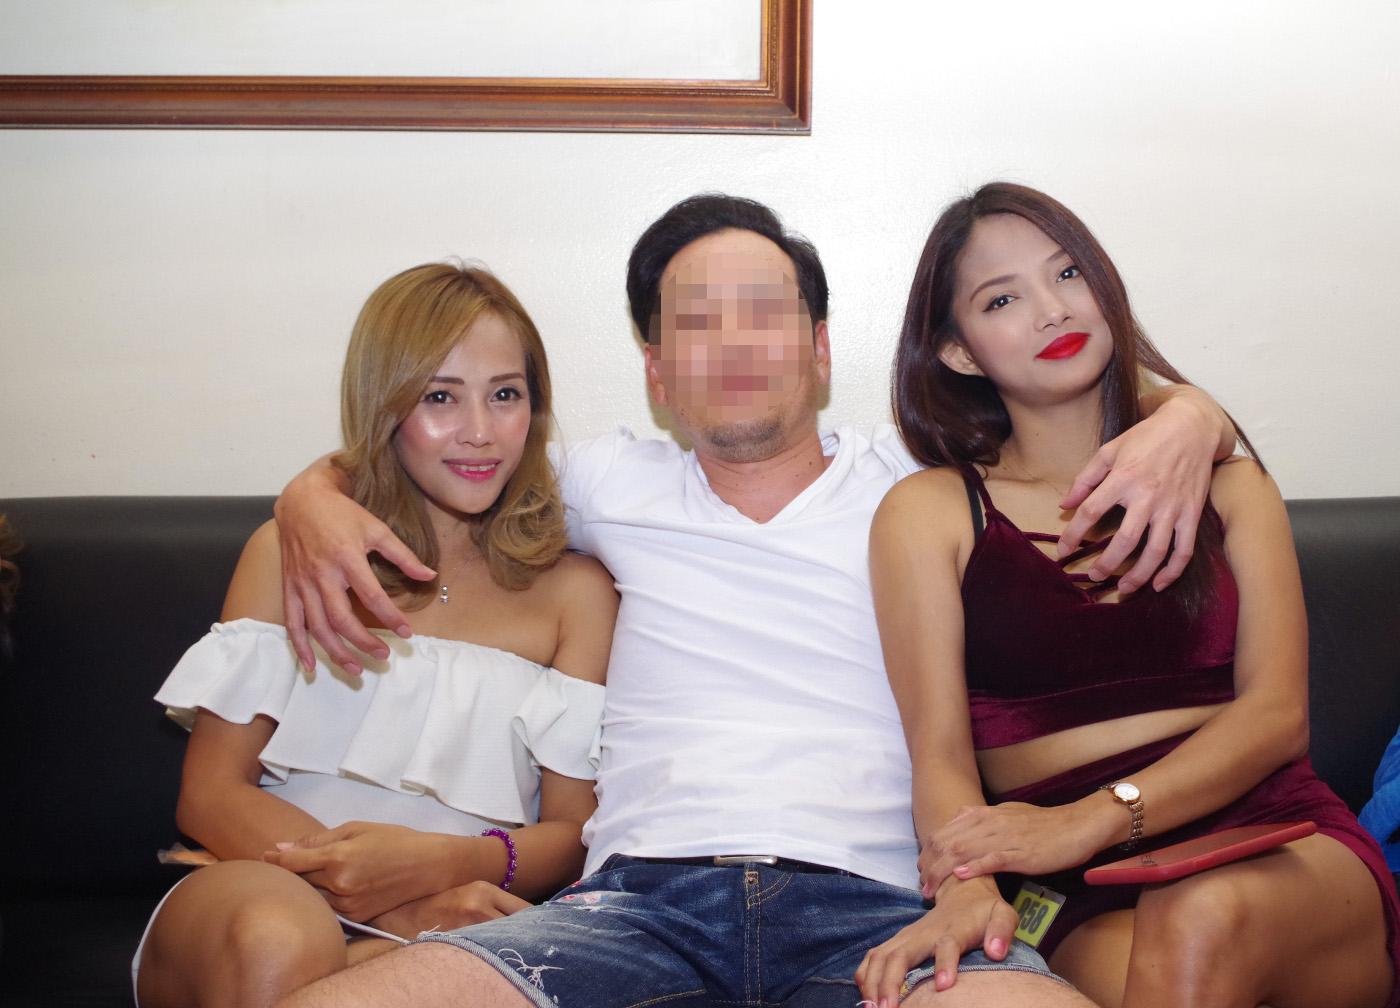 アリーナで両脇に女性を置いている男性の写真